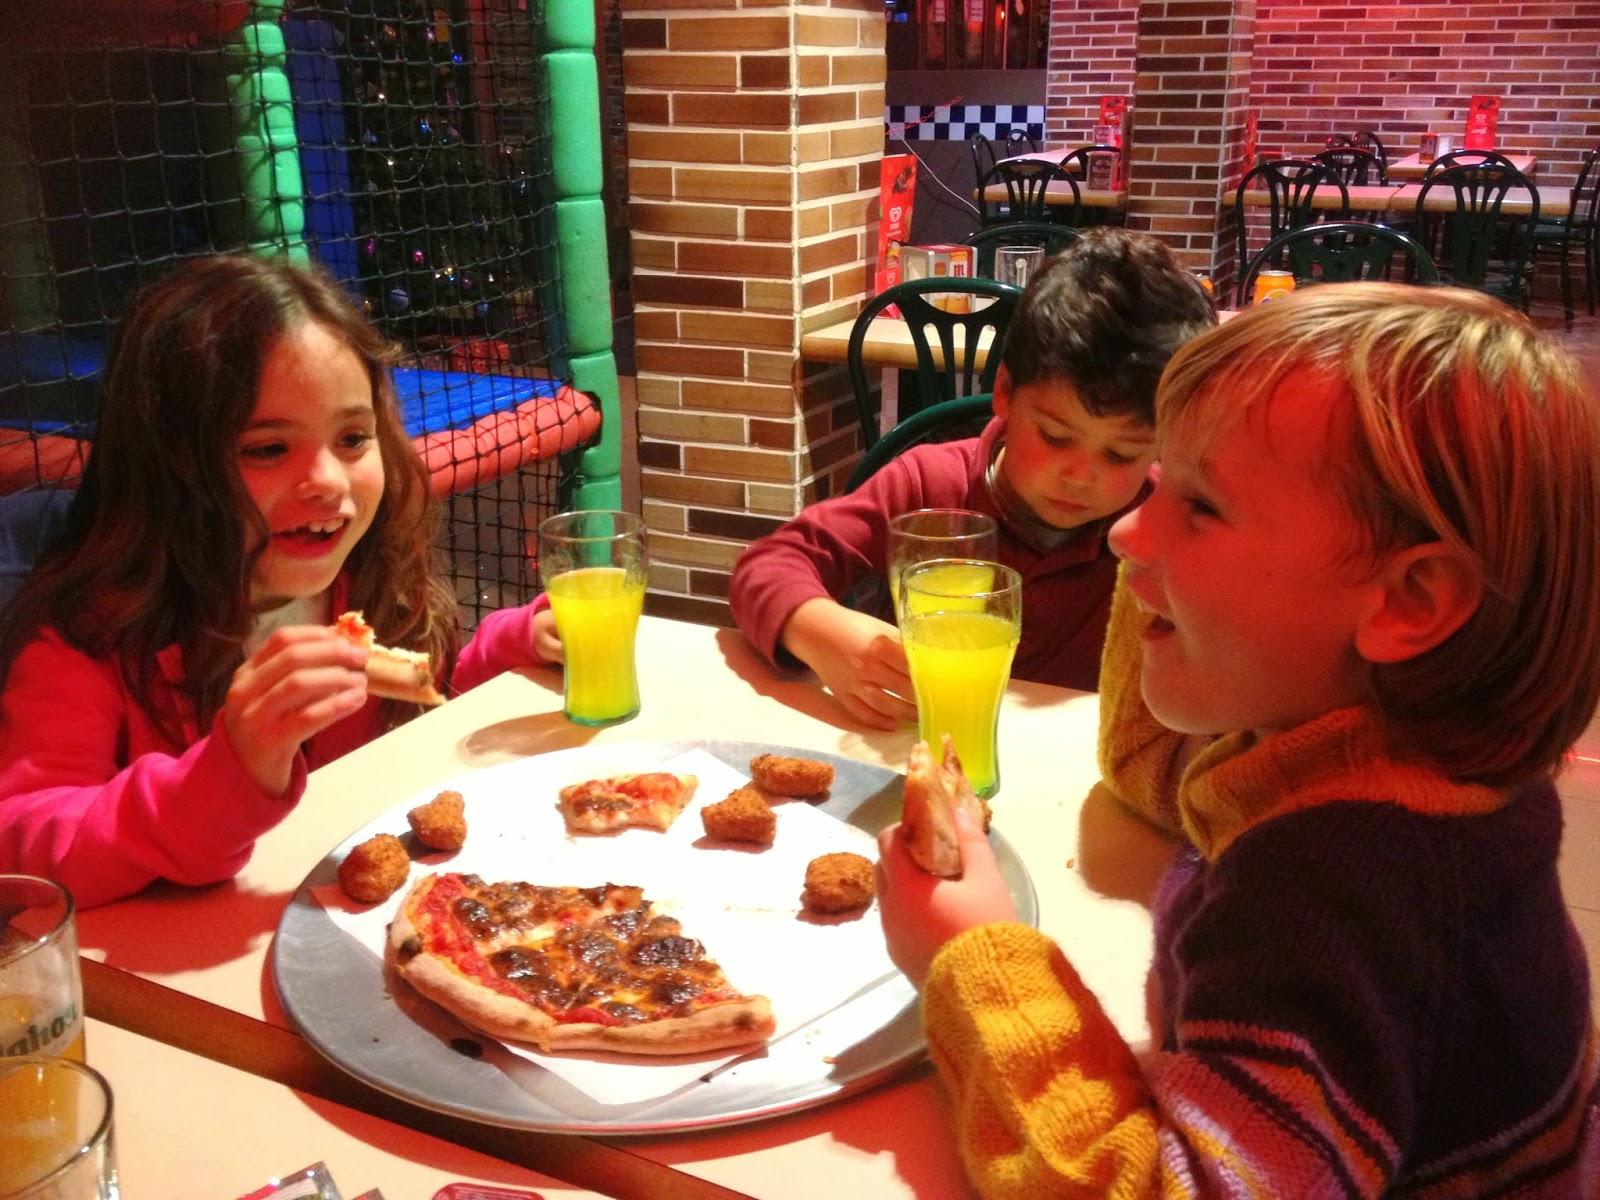 Asturias con niños, a dónde vamos hoy? Mike´s, hamburguesería con zona infantil, en Oviedo